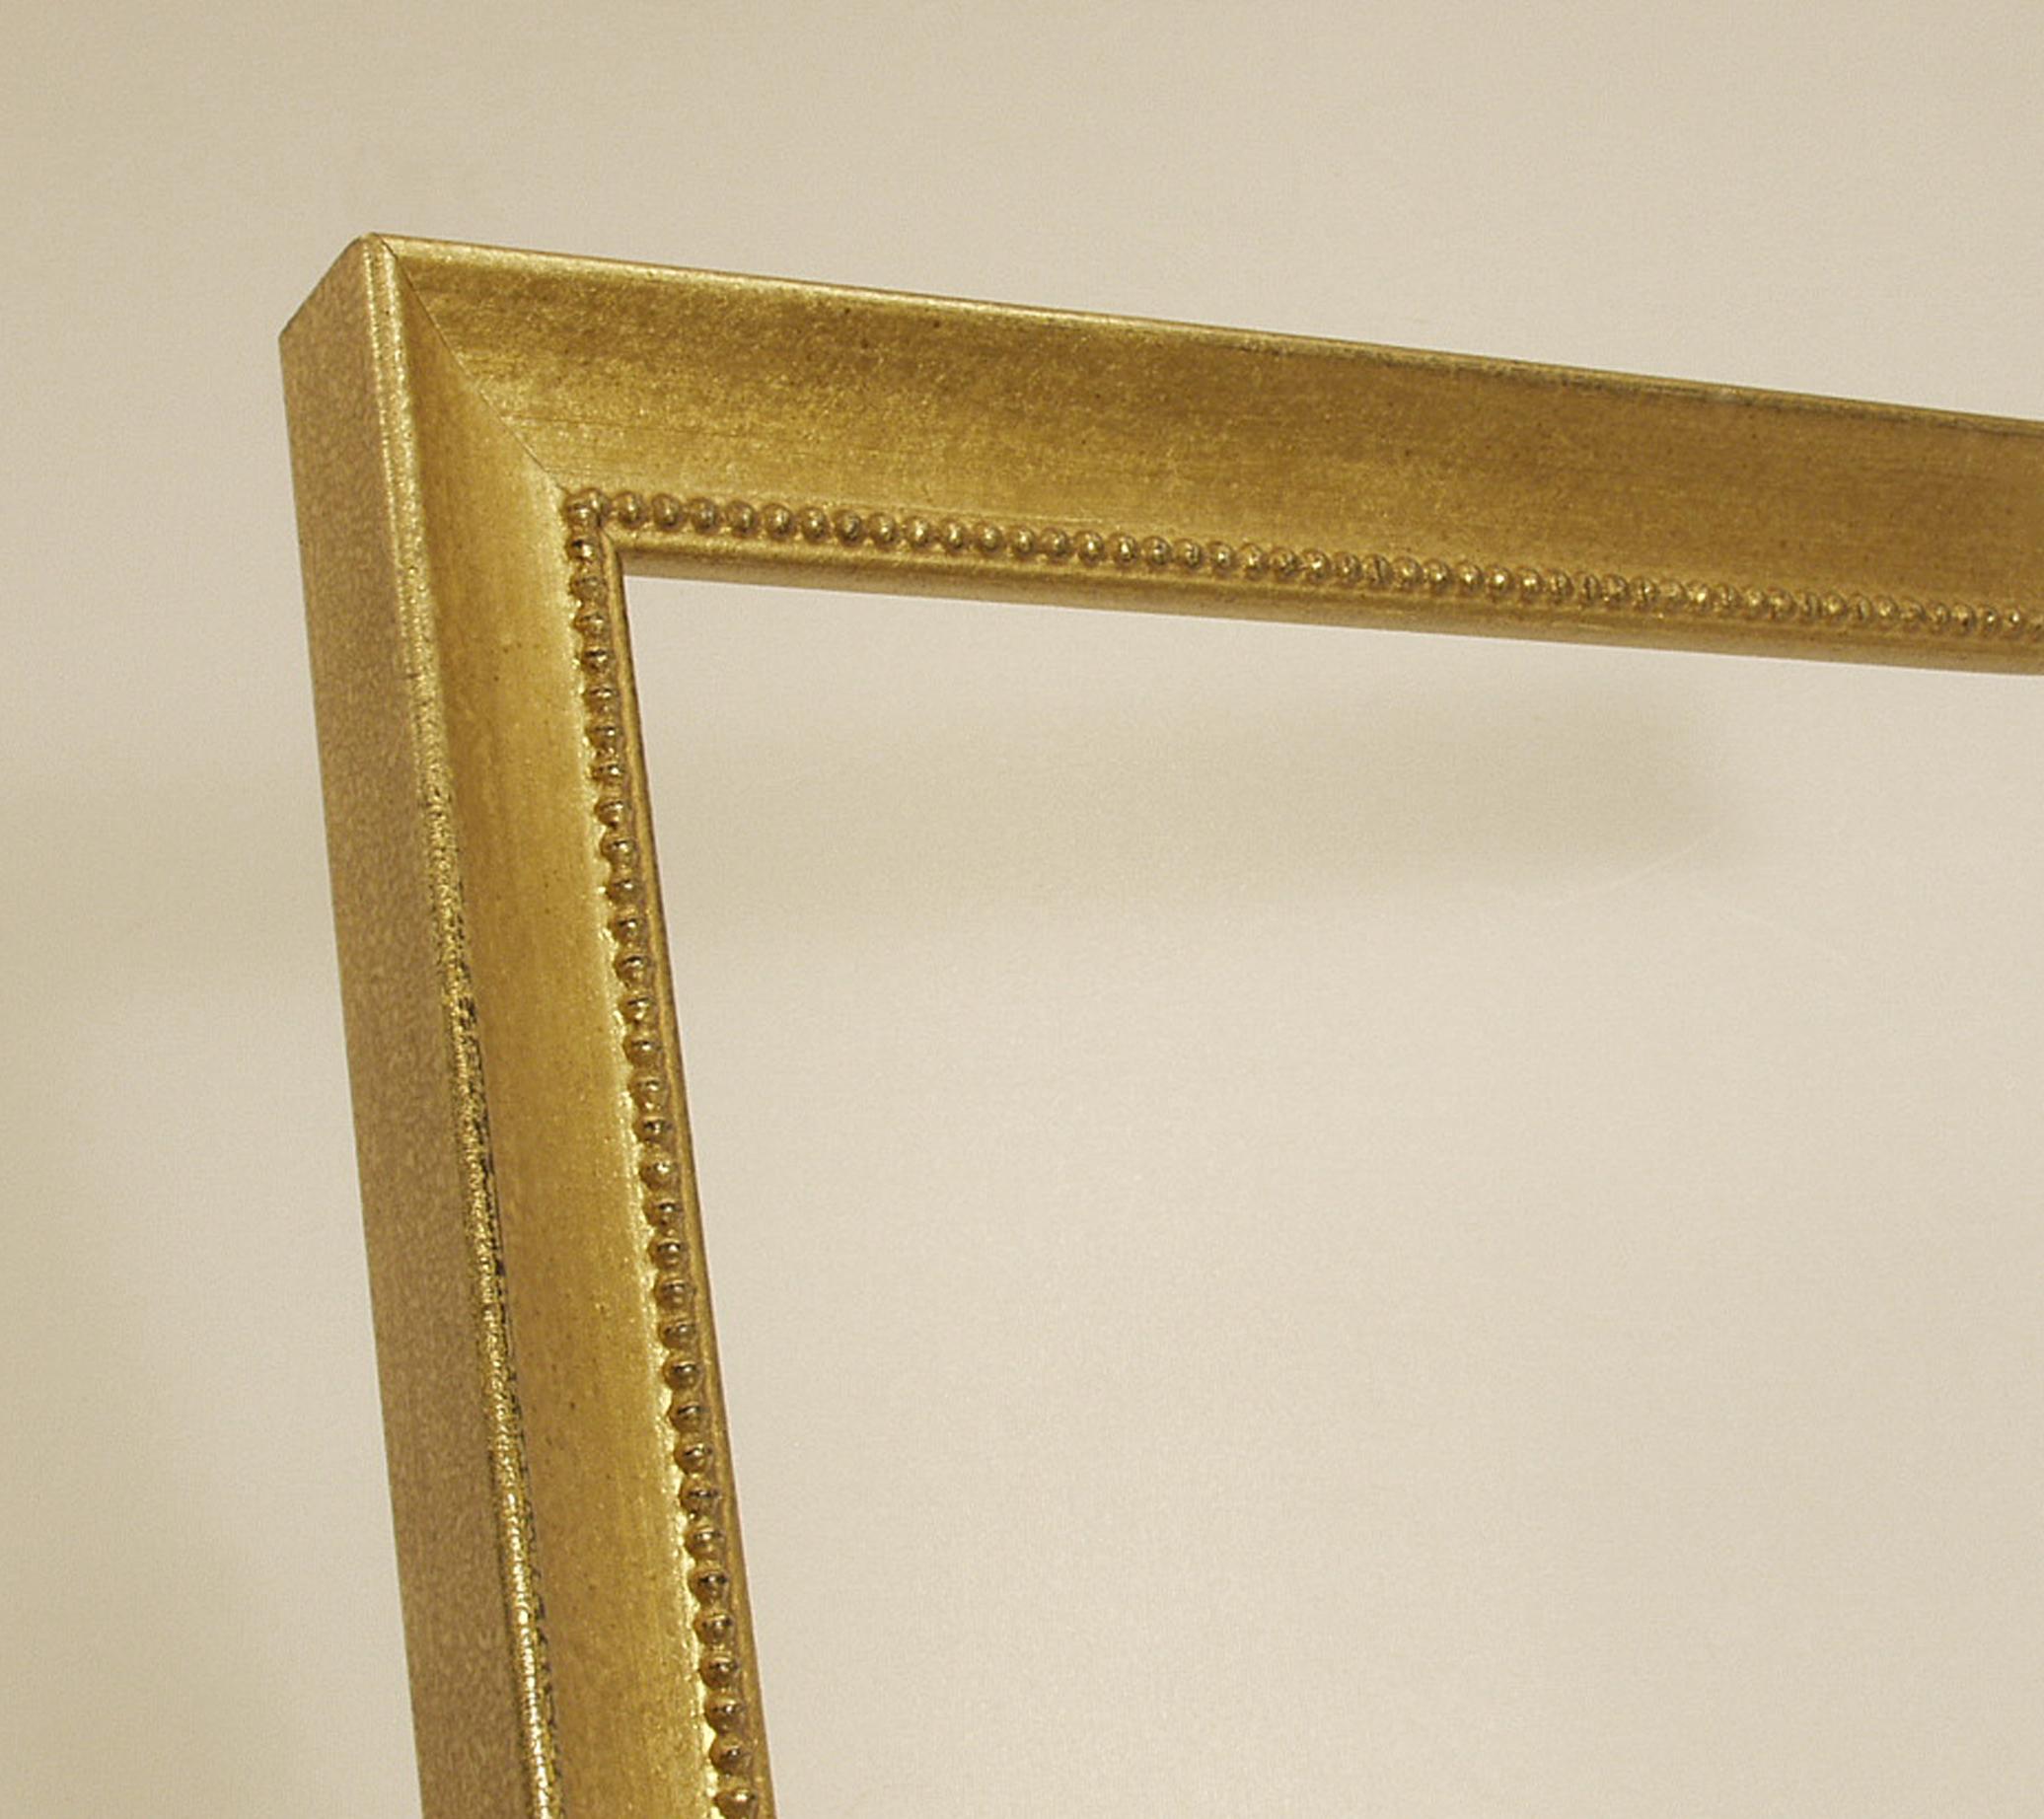 Bilderrahmen Iiona, Italienischer Bilderrahmen - Gold